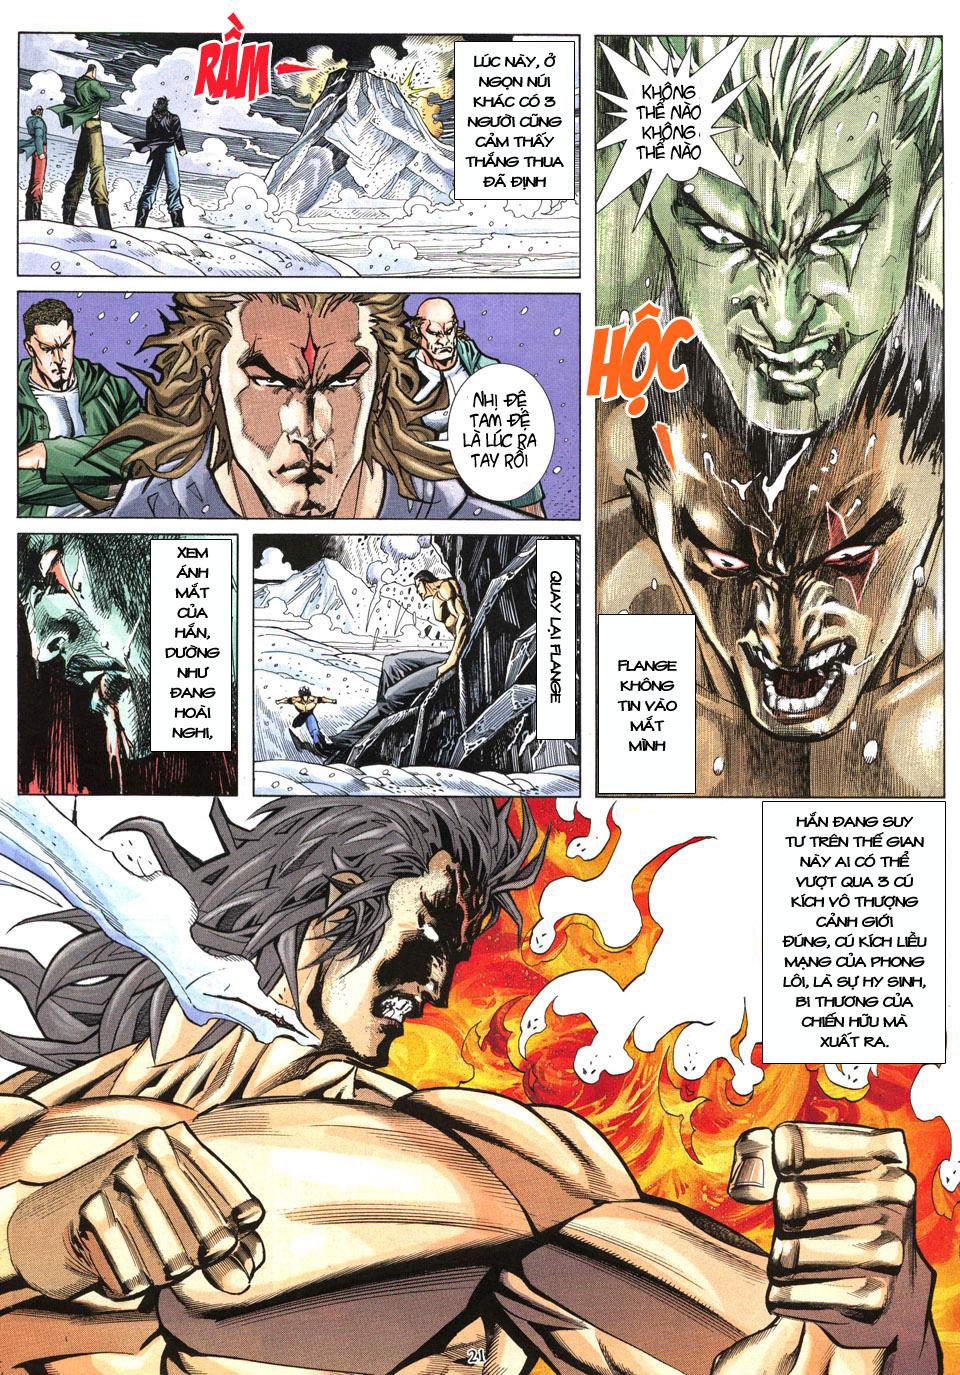 Phong Lôi chap 40 - Trang 22